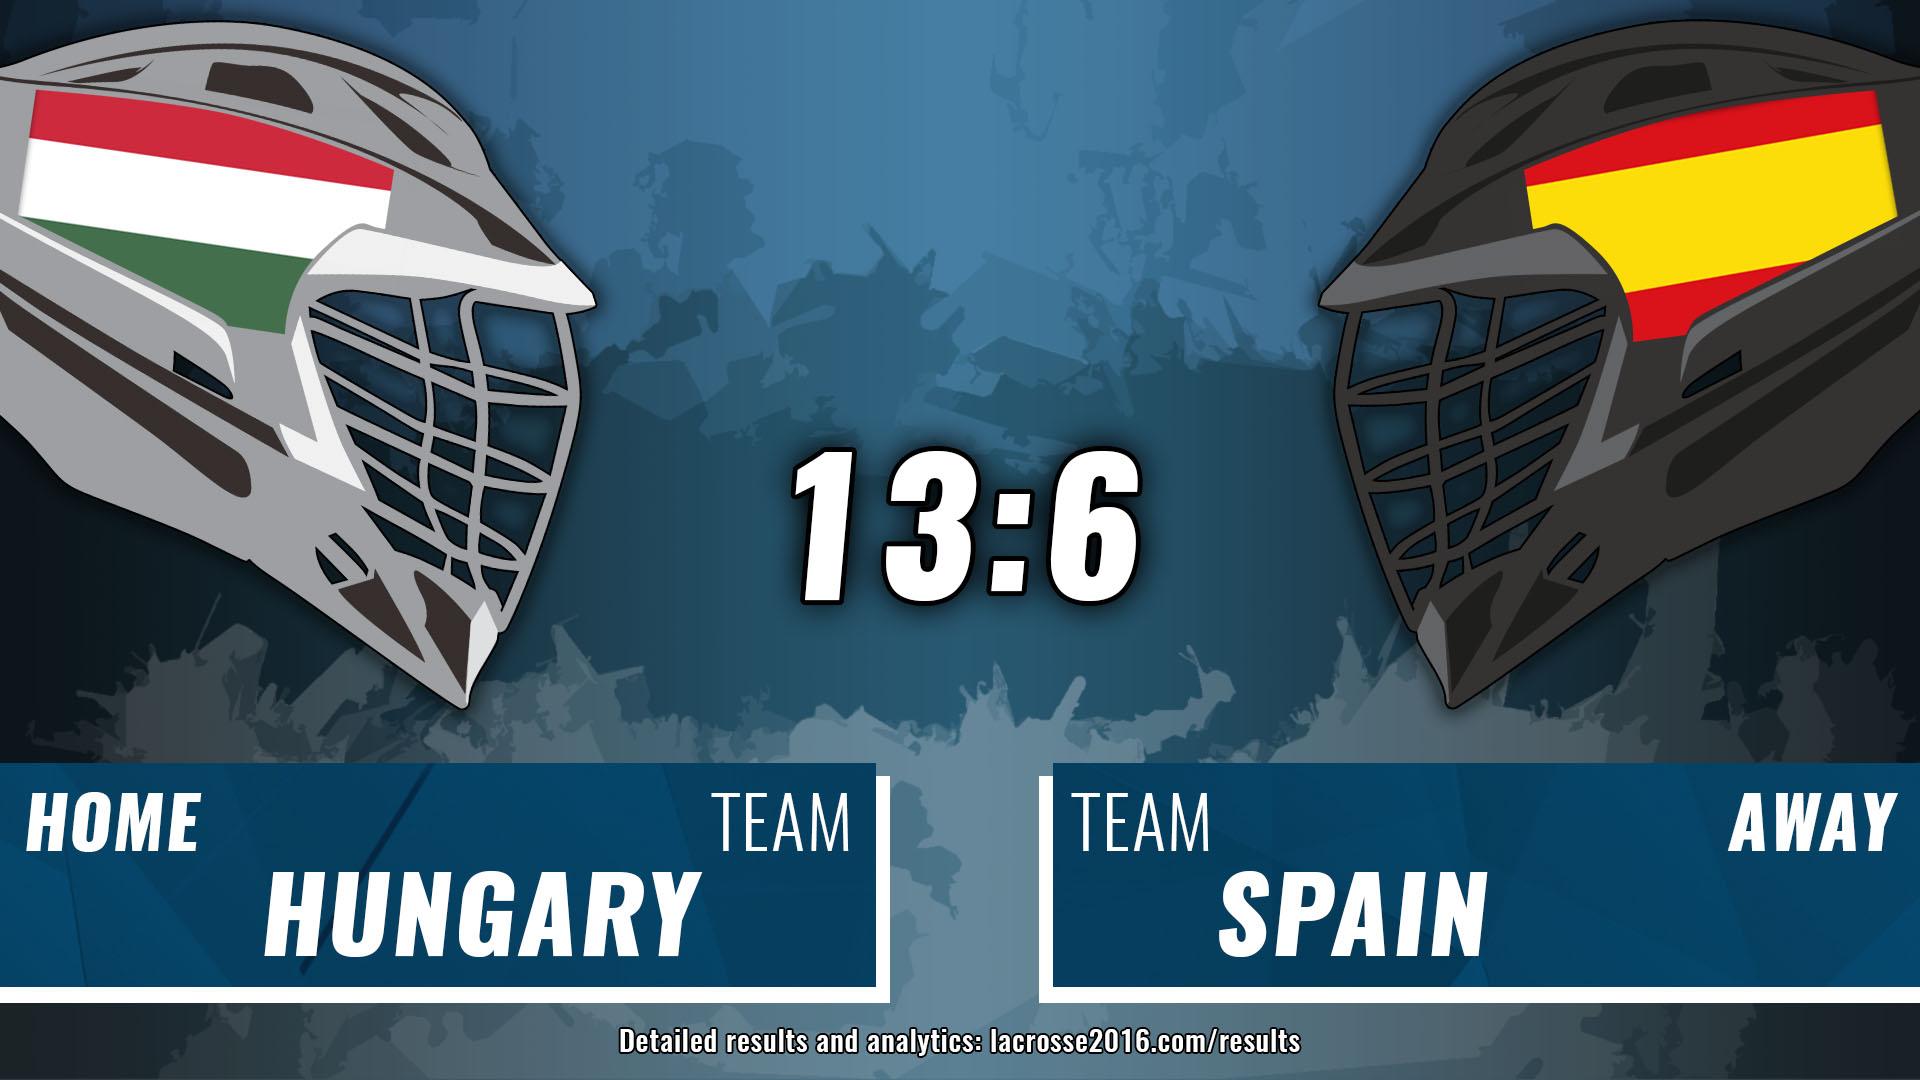 86_result-hungary-spain-13-6.jpg